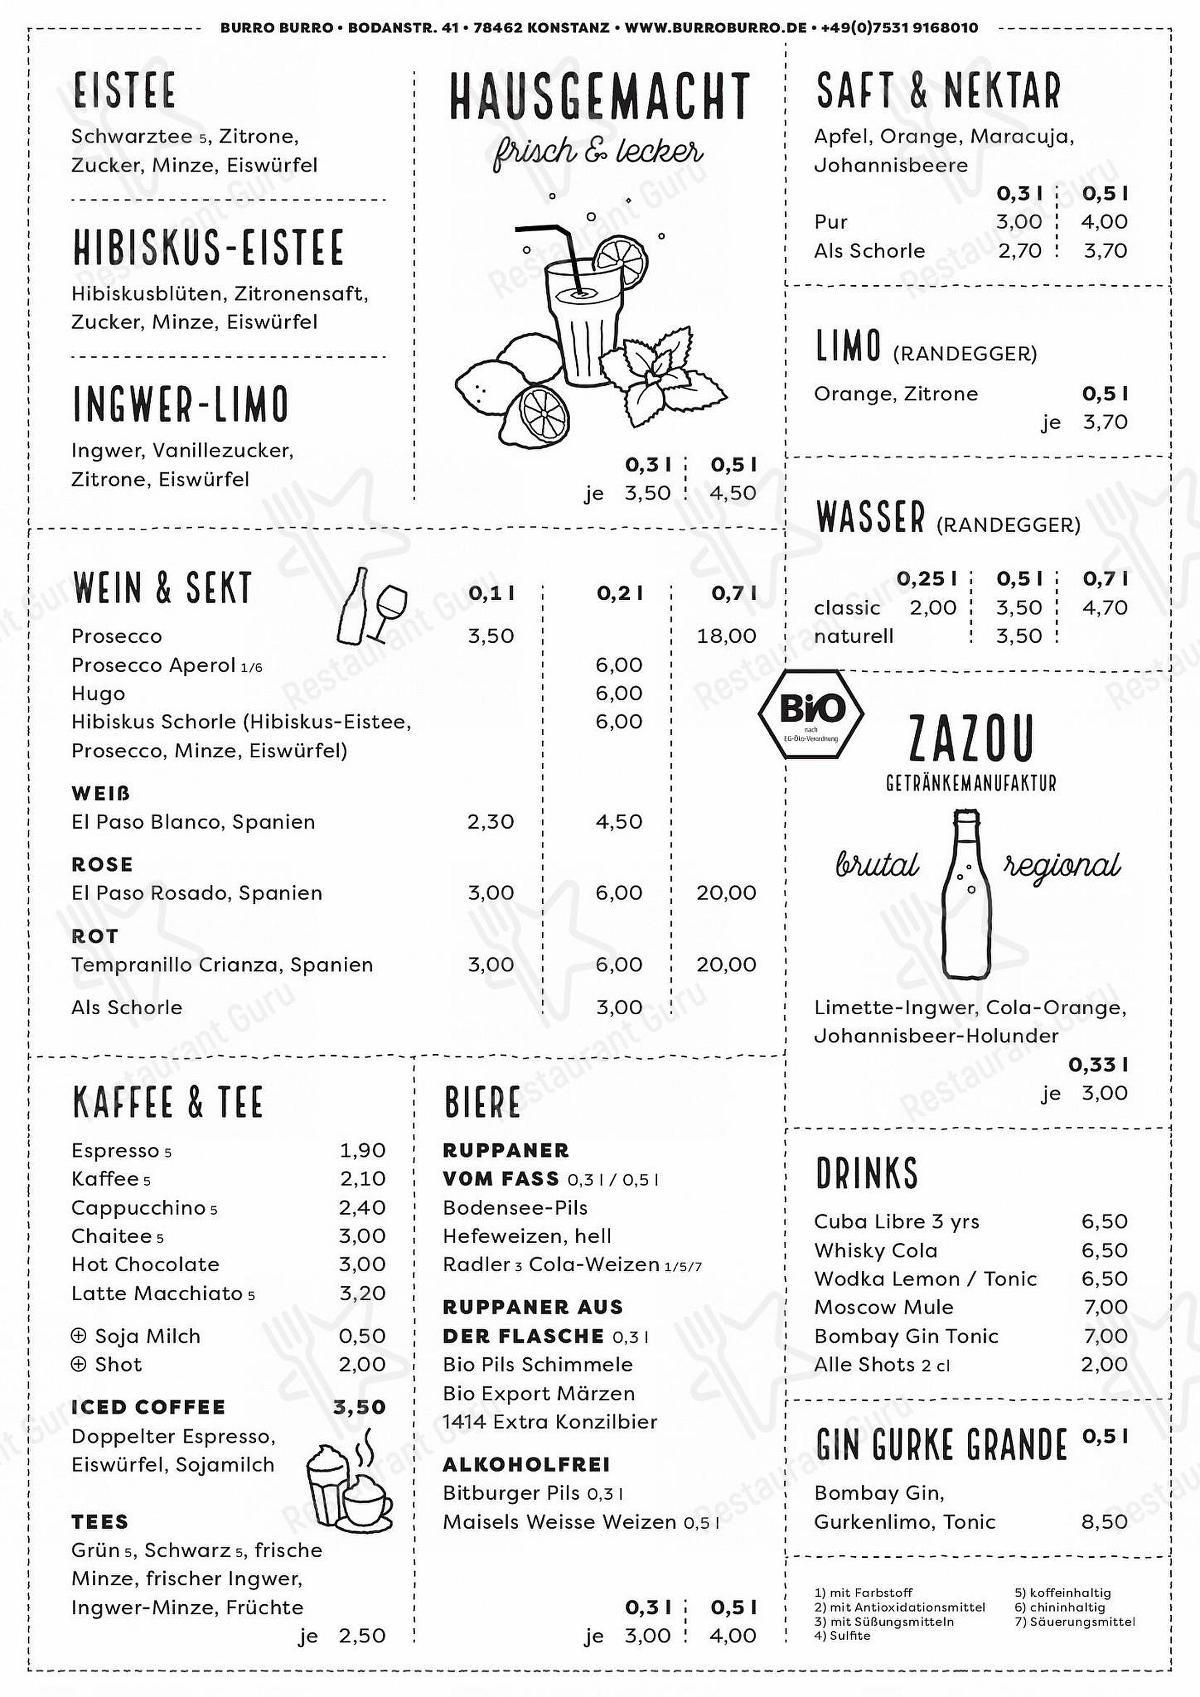 Burro Burro pub & Bar, Konstanz   Restaurantbewertungen